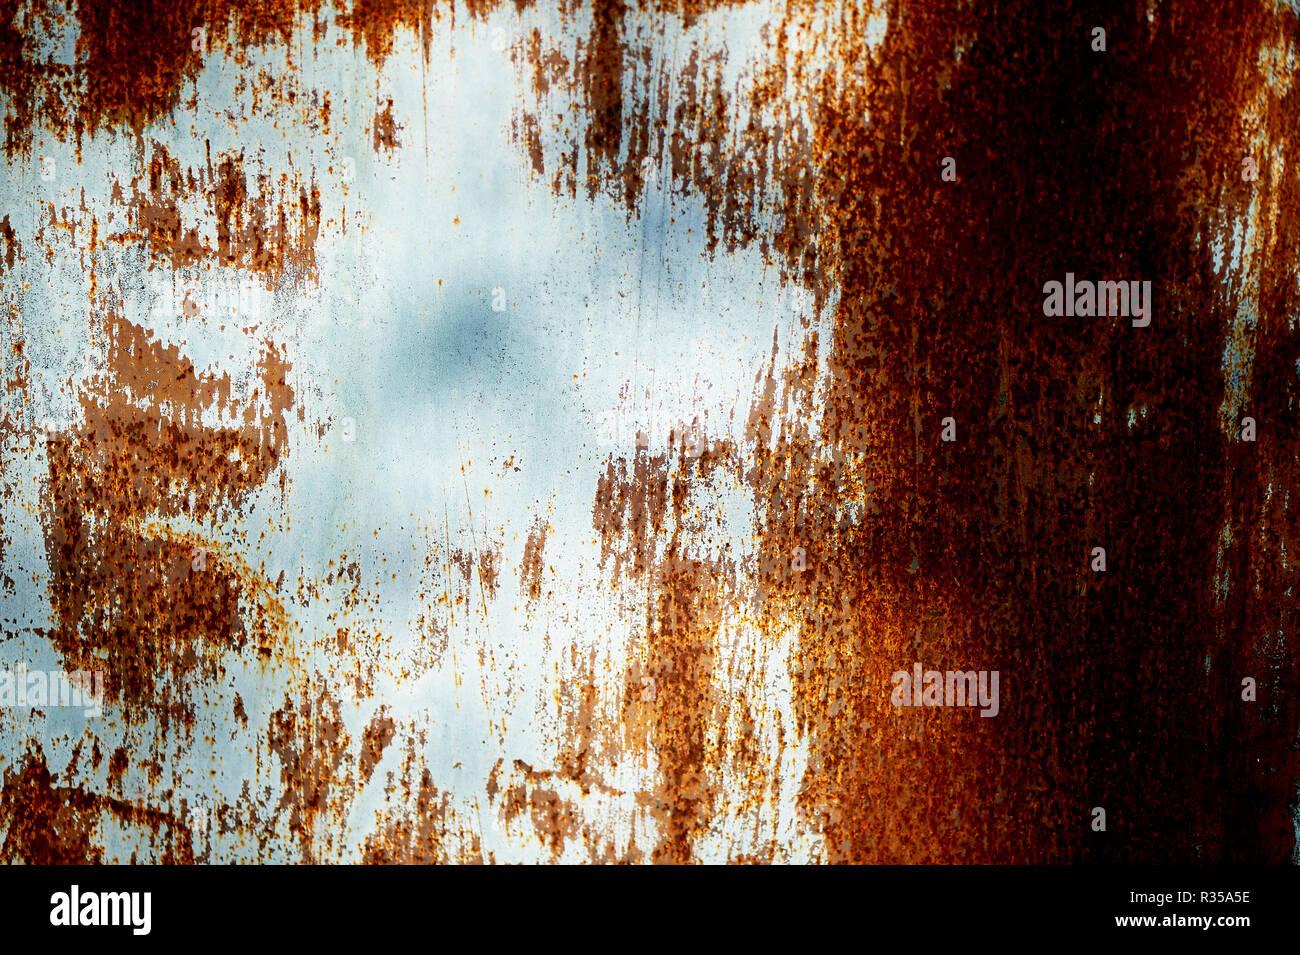 Textur rostiges Metall eng mit der blauen Farbe. Stockbild